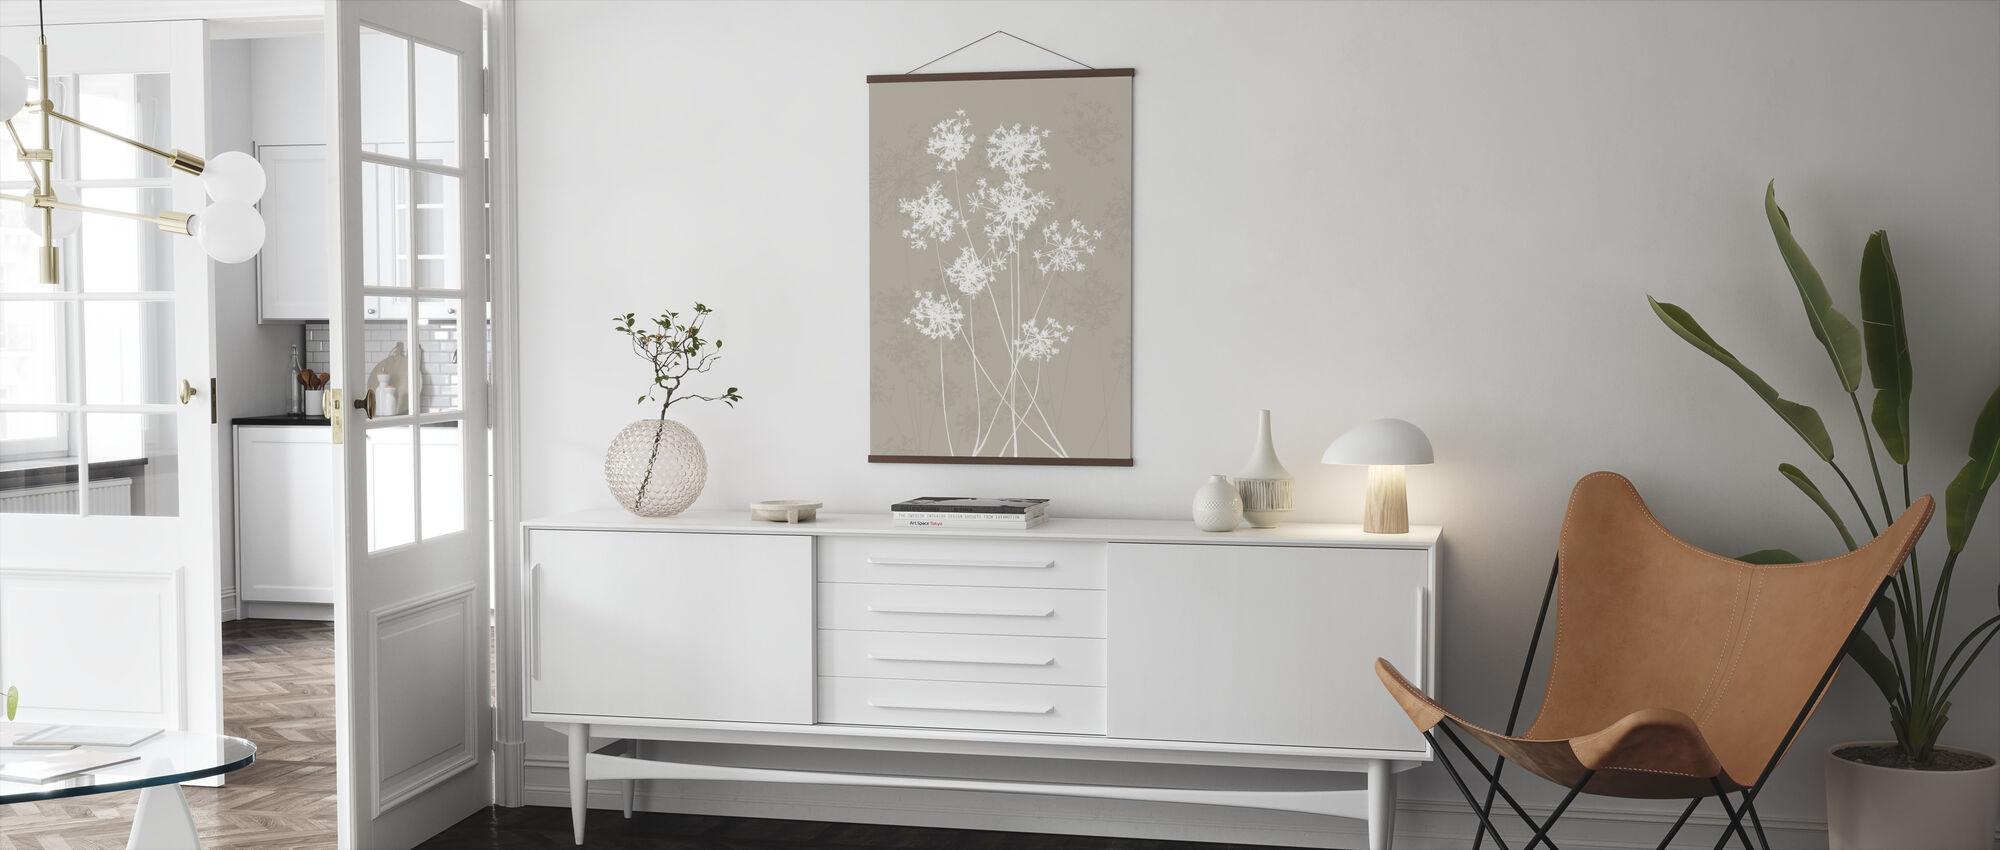 Dandelions - Beige - Poster - Living Room